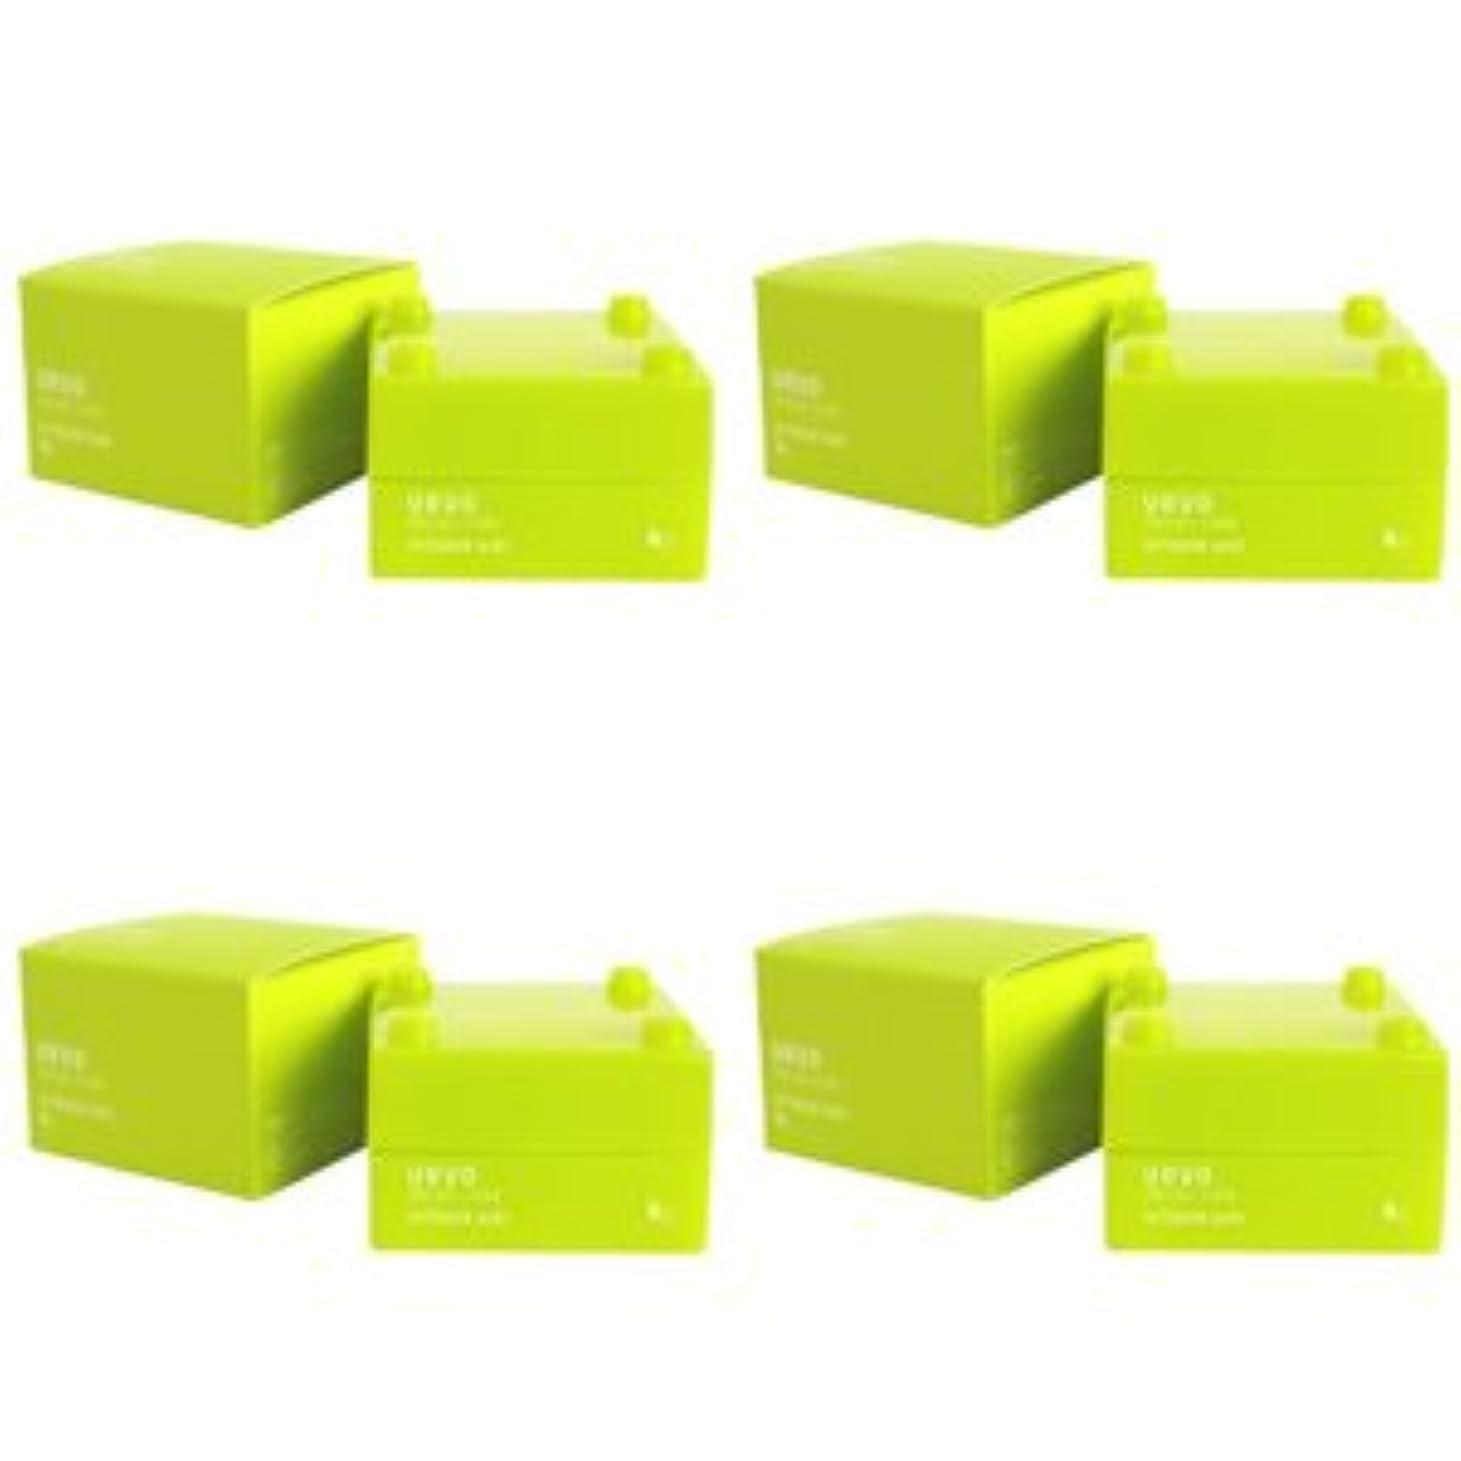 不調和オペラ地質学【X4個セット】 デミ ウェーボ デザインキューブ エアルーズワックス 30g airloose wax DEMI uevo design cube